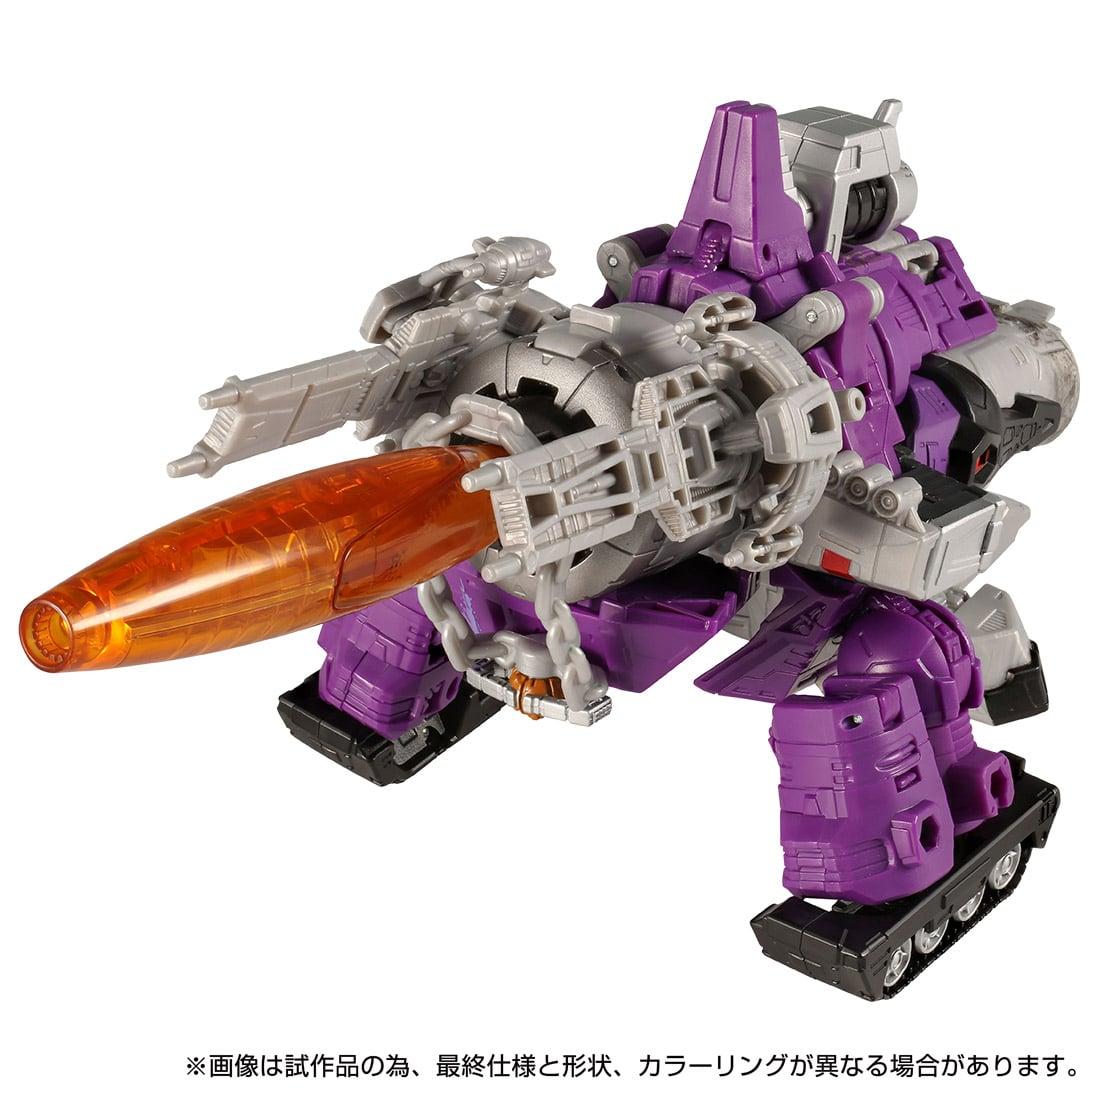 トランスフォーマー キングダム『KD-16 ガルバトロン』可変可動フィギュア-002